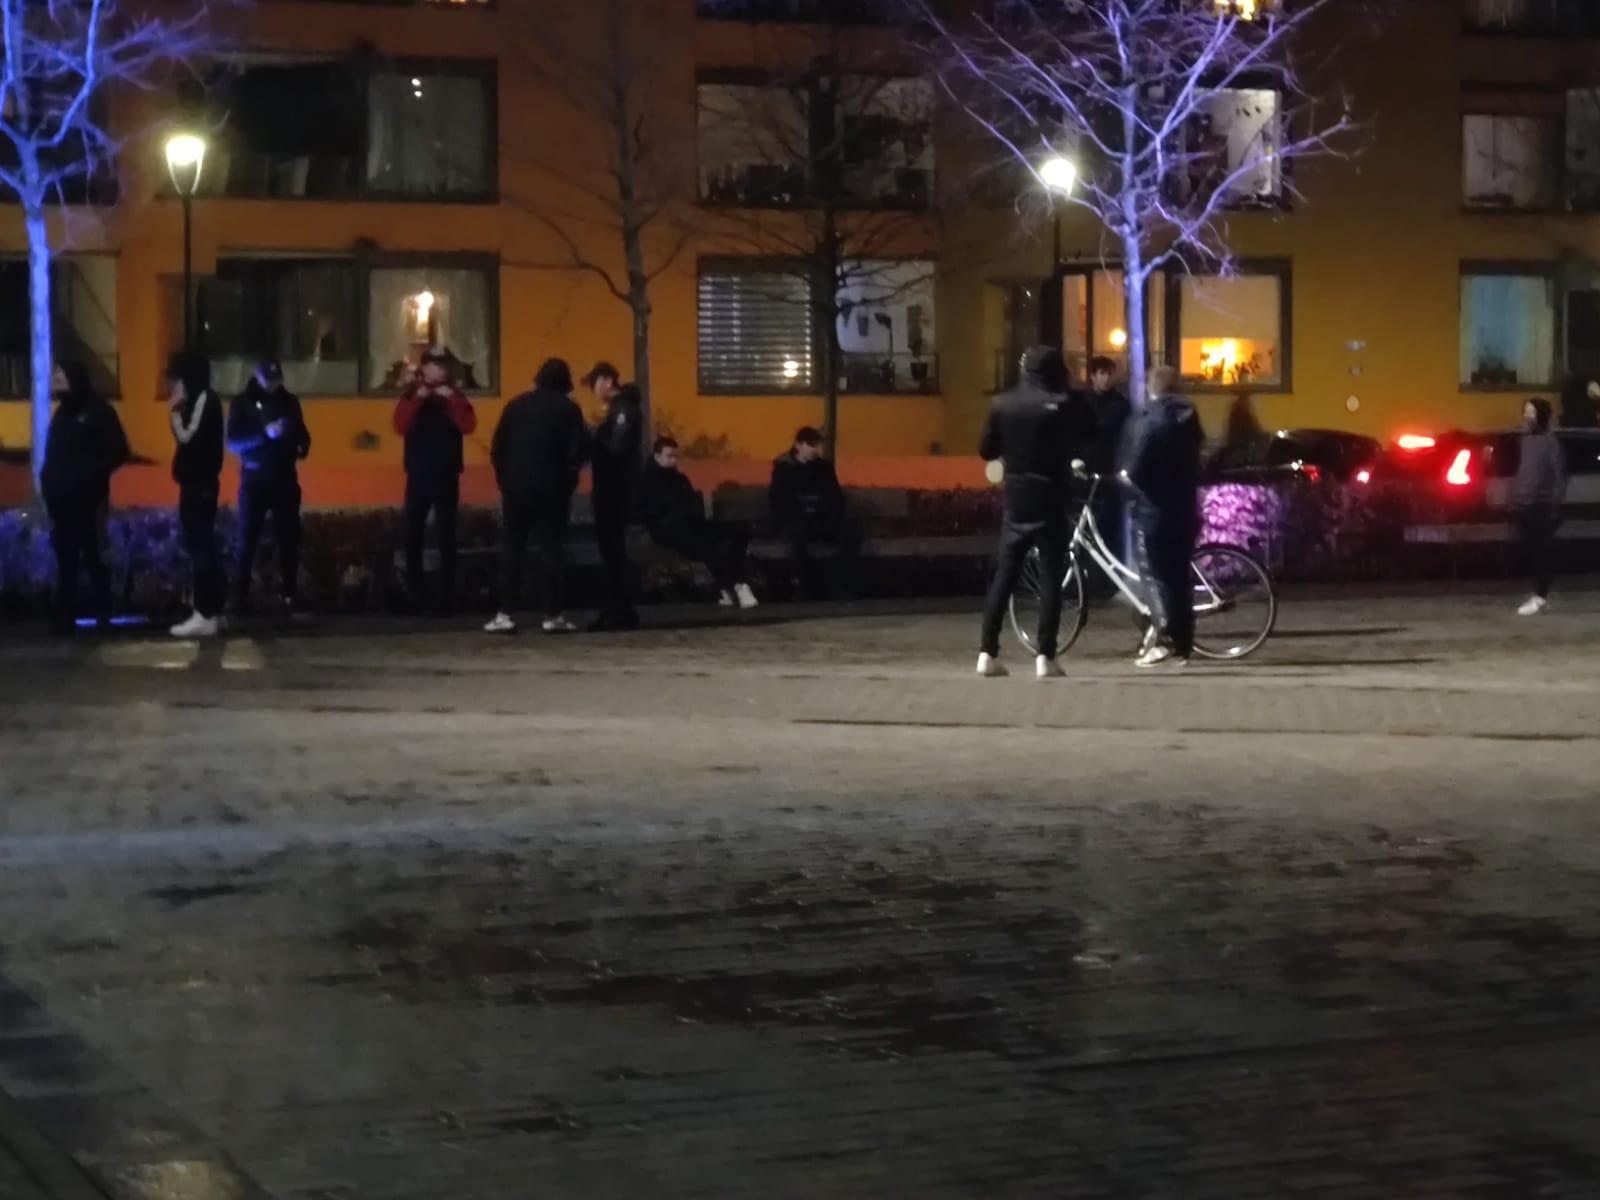 Noodverordening van kracht in Hilversum, politie veegt Groest en Marktplein leeg [update]